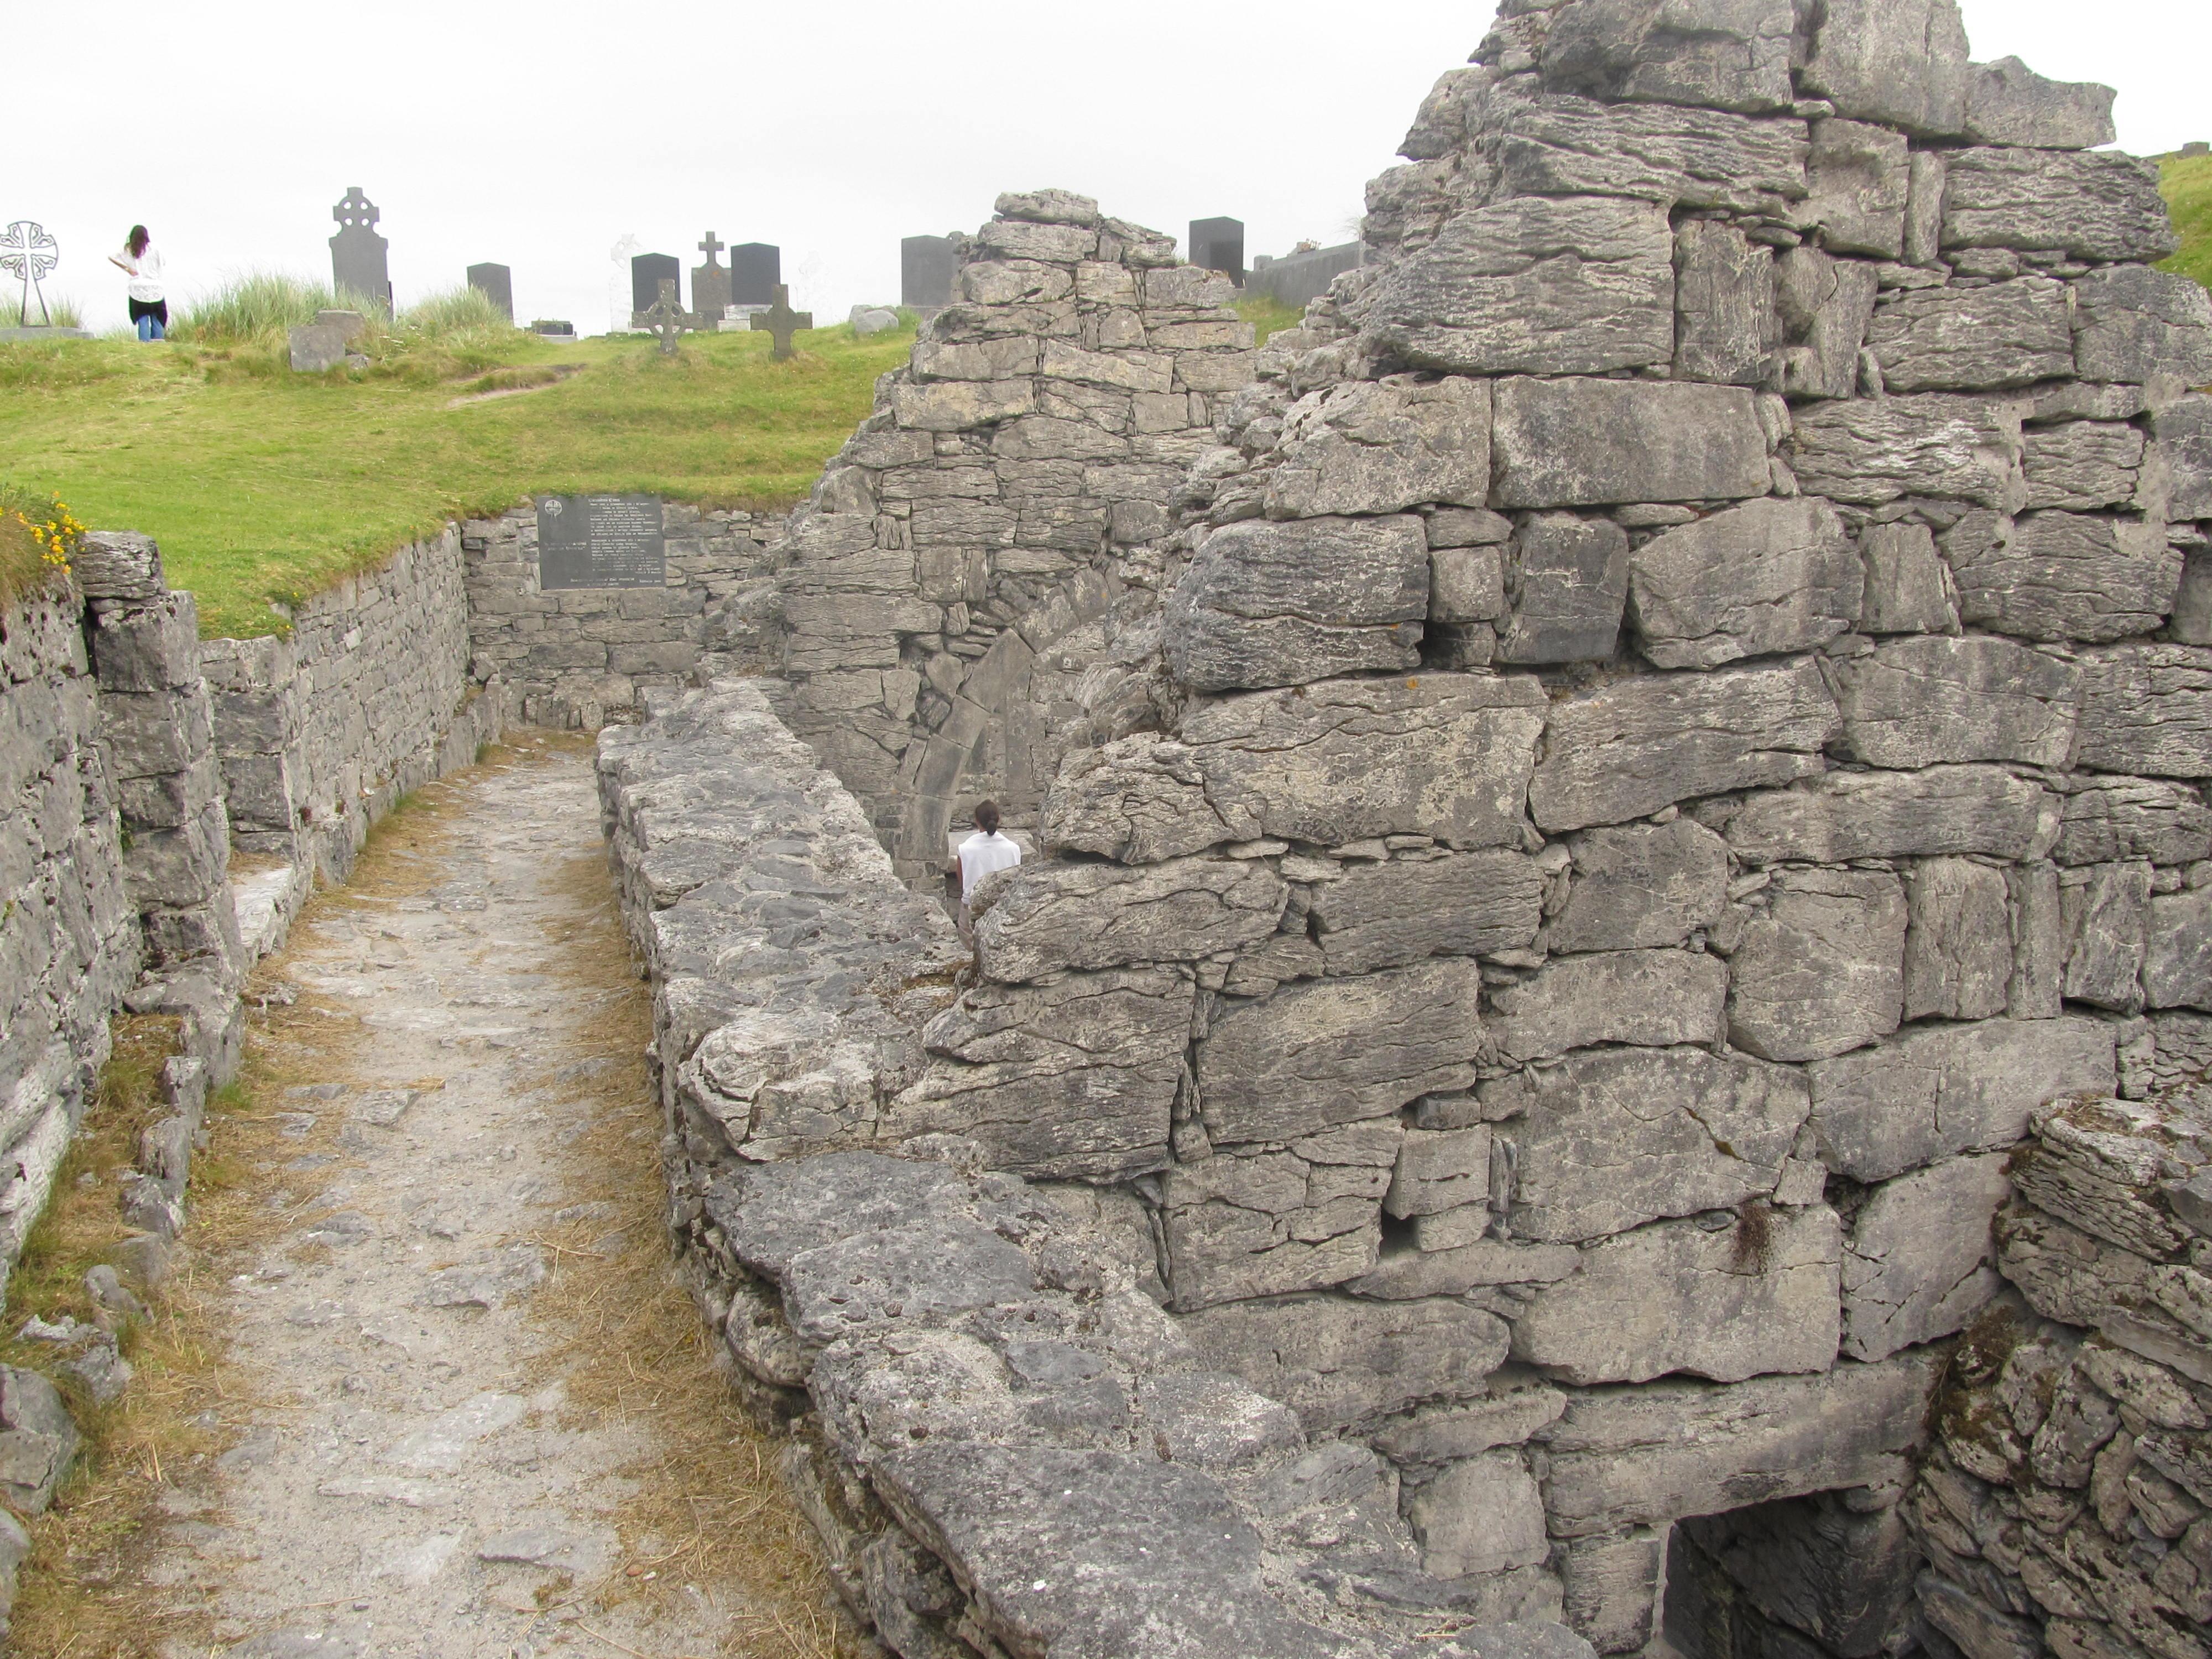 Teampall Chaomháin, Inis Oírr (photo from Ciara Grogan)